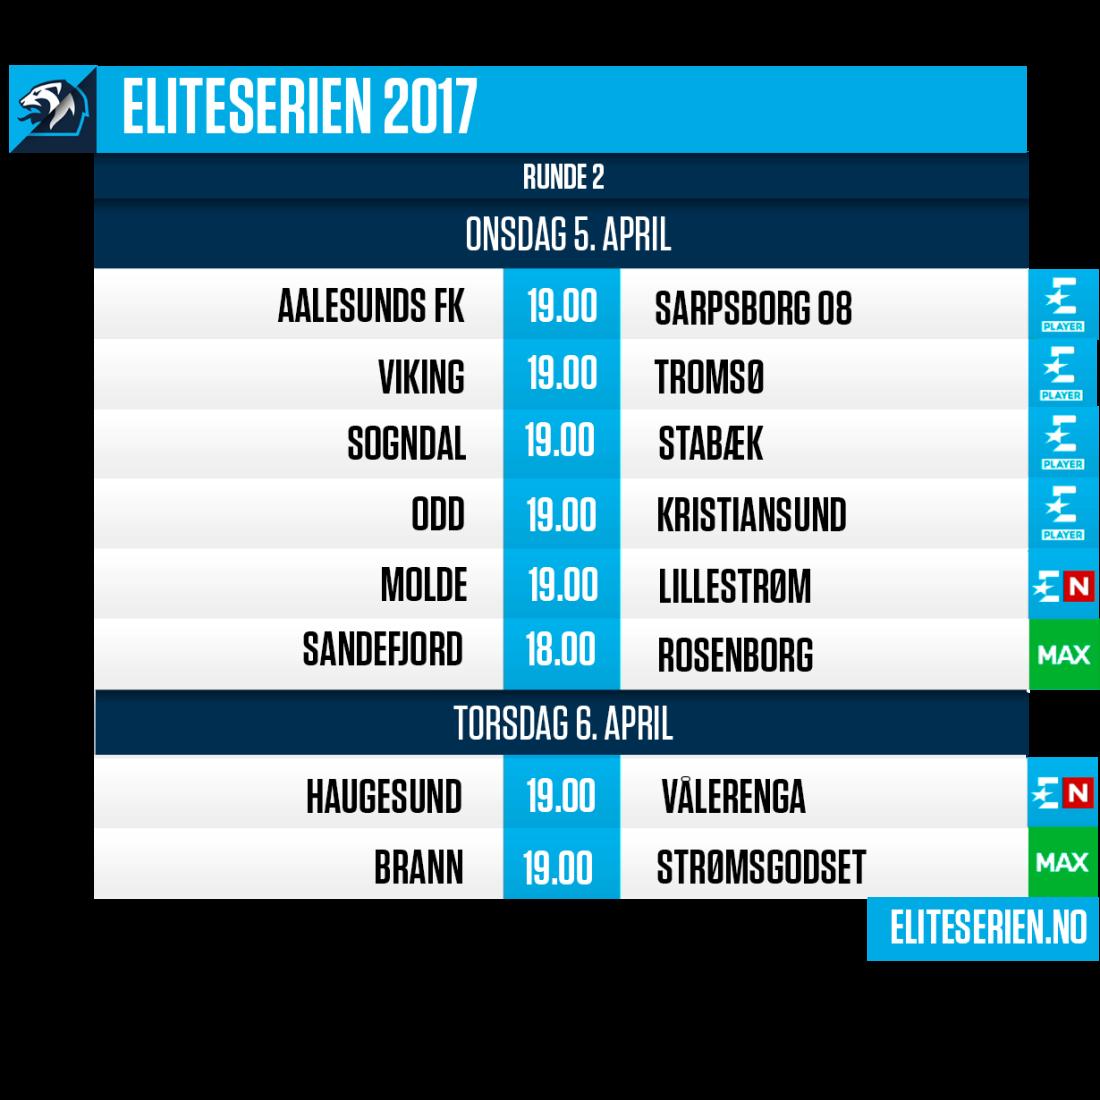 Eliteserien_runde_2.png